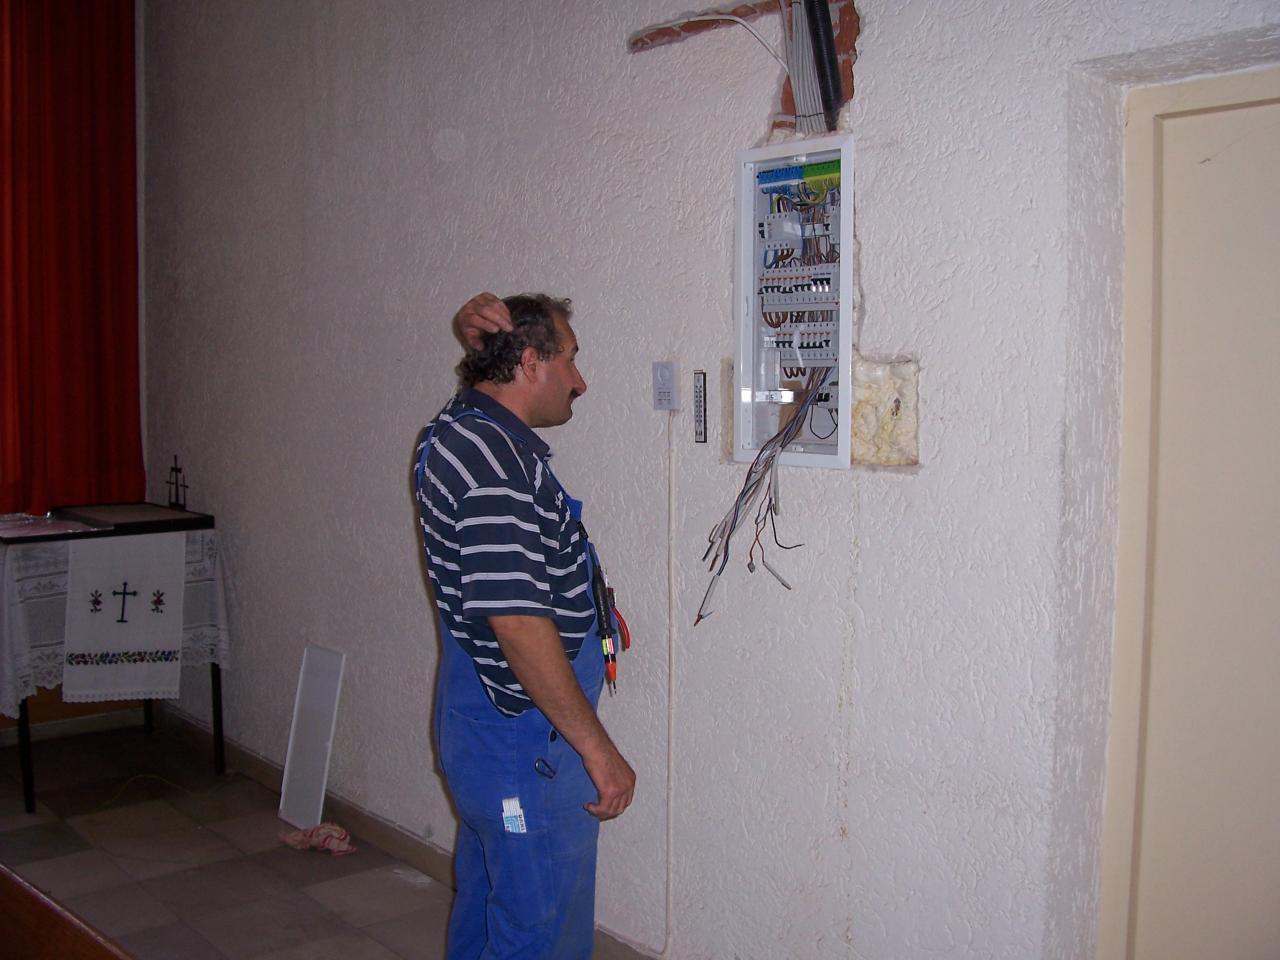 Septembrie, 1 - Cu sistemul asta electric... (d-l Lucaciu)